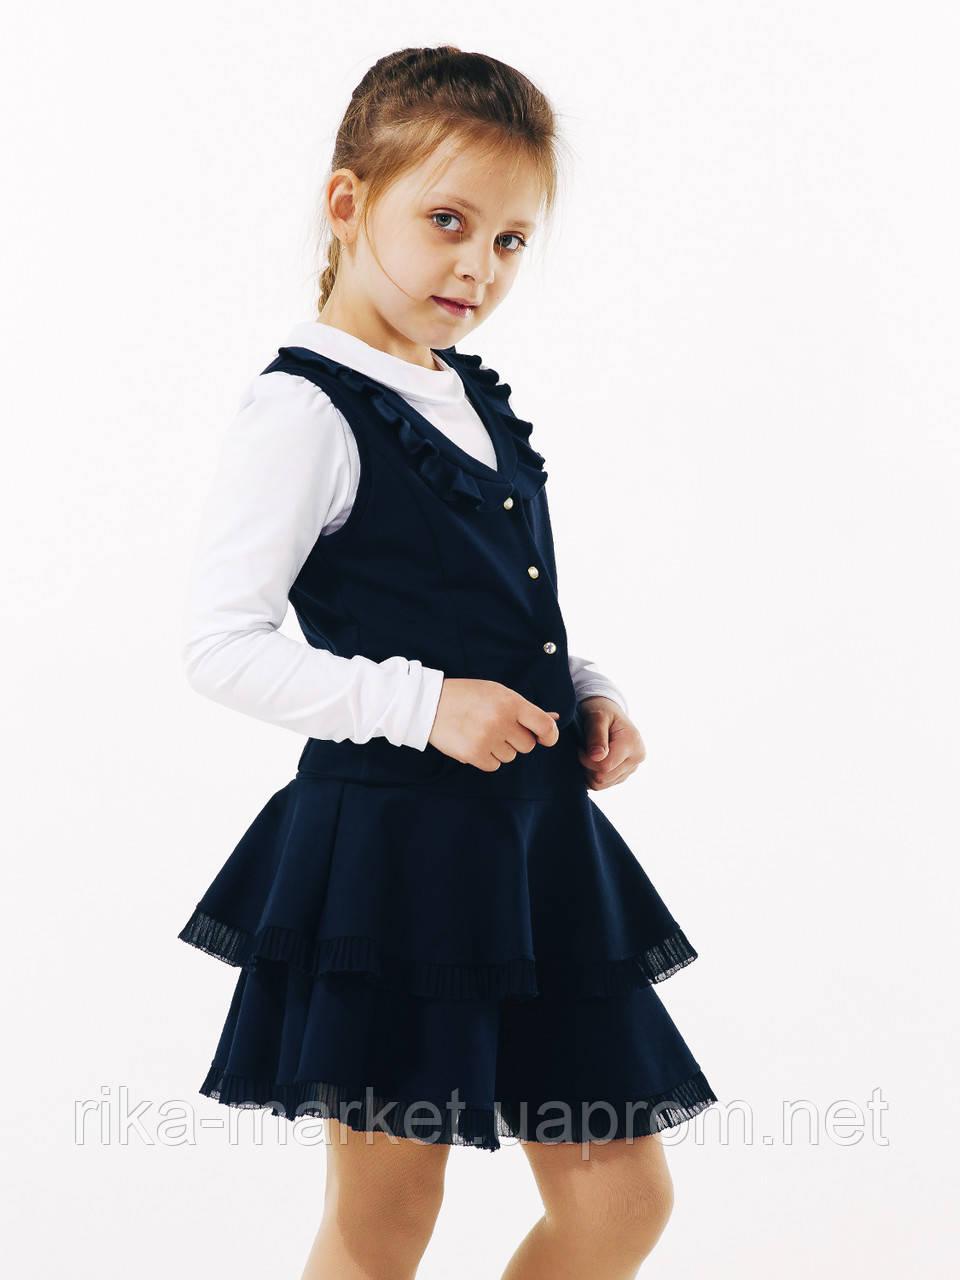 Школьная юбка, ТМ Смил, 120231, возраст 6 - 10 лет